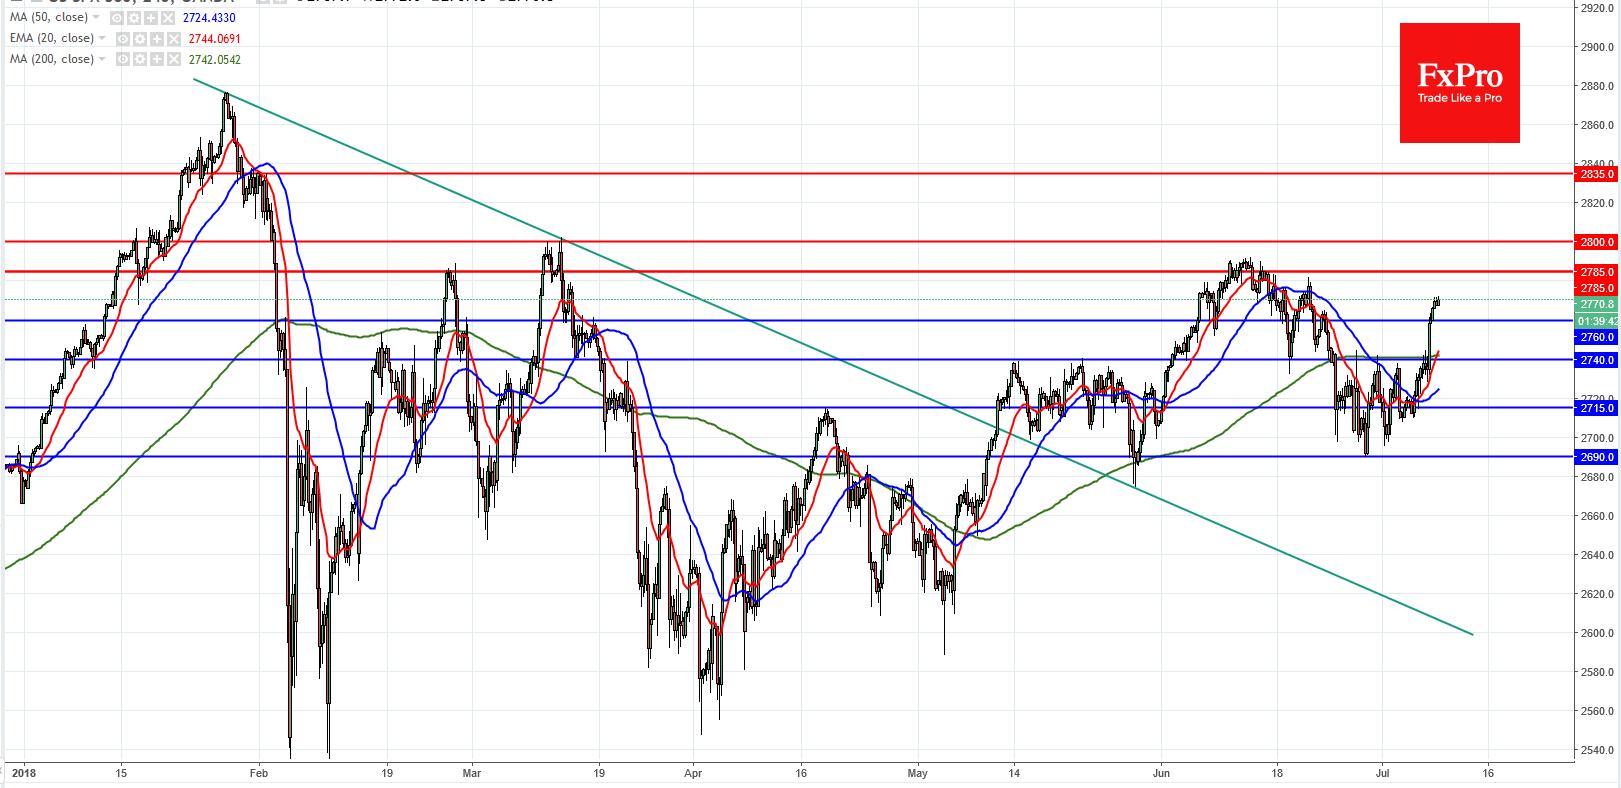 S&P 500 and Nasdaq 100 Analysis